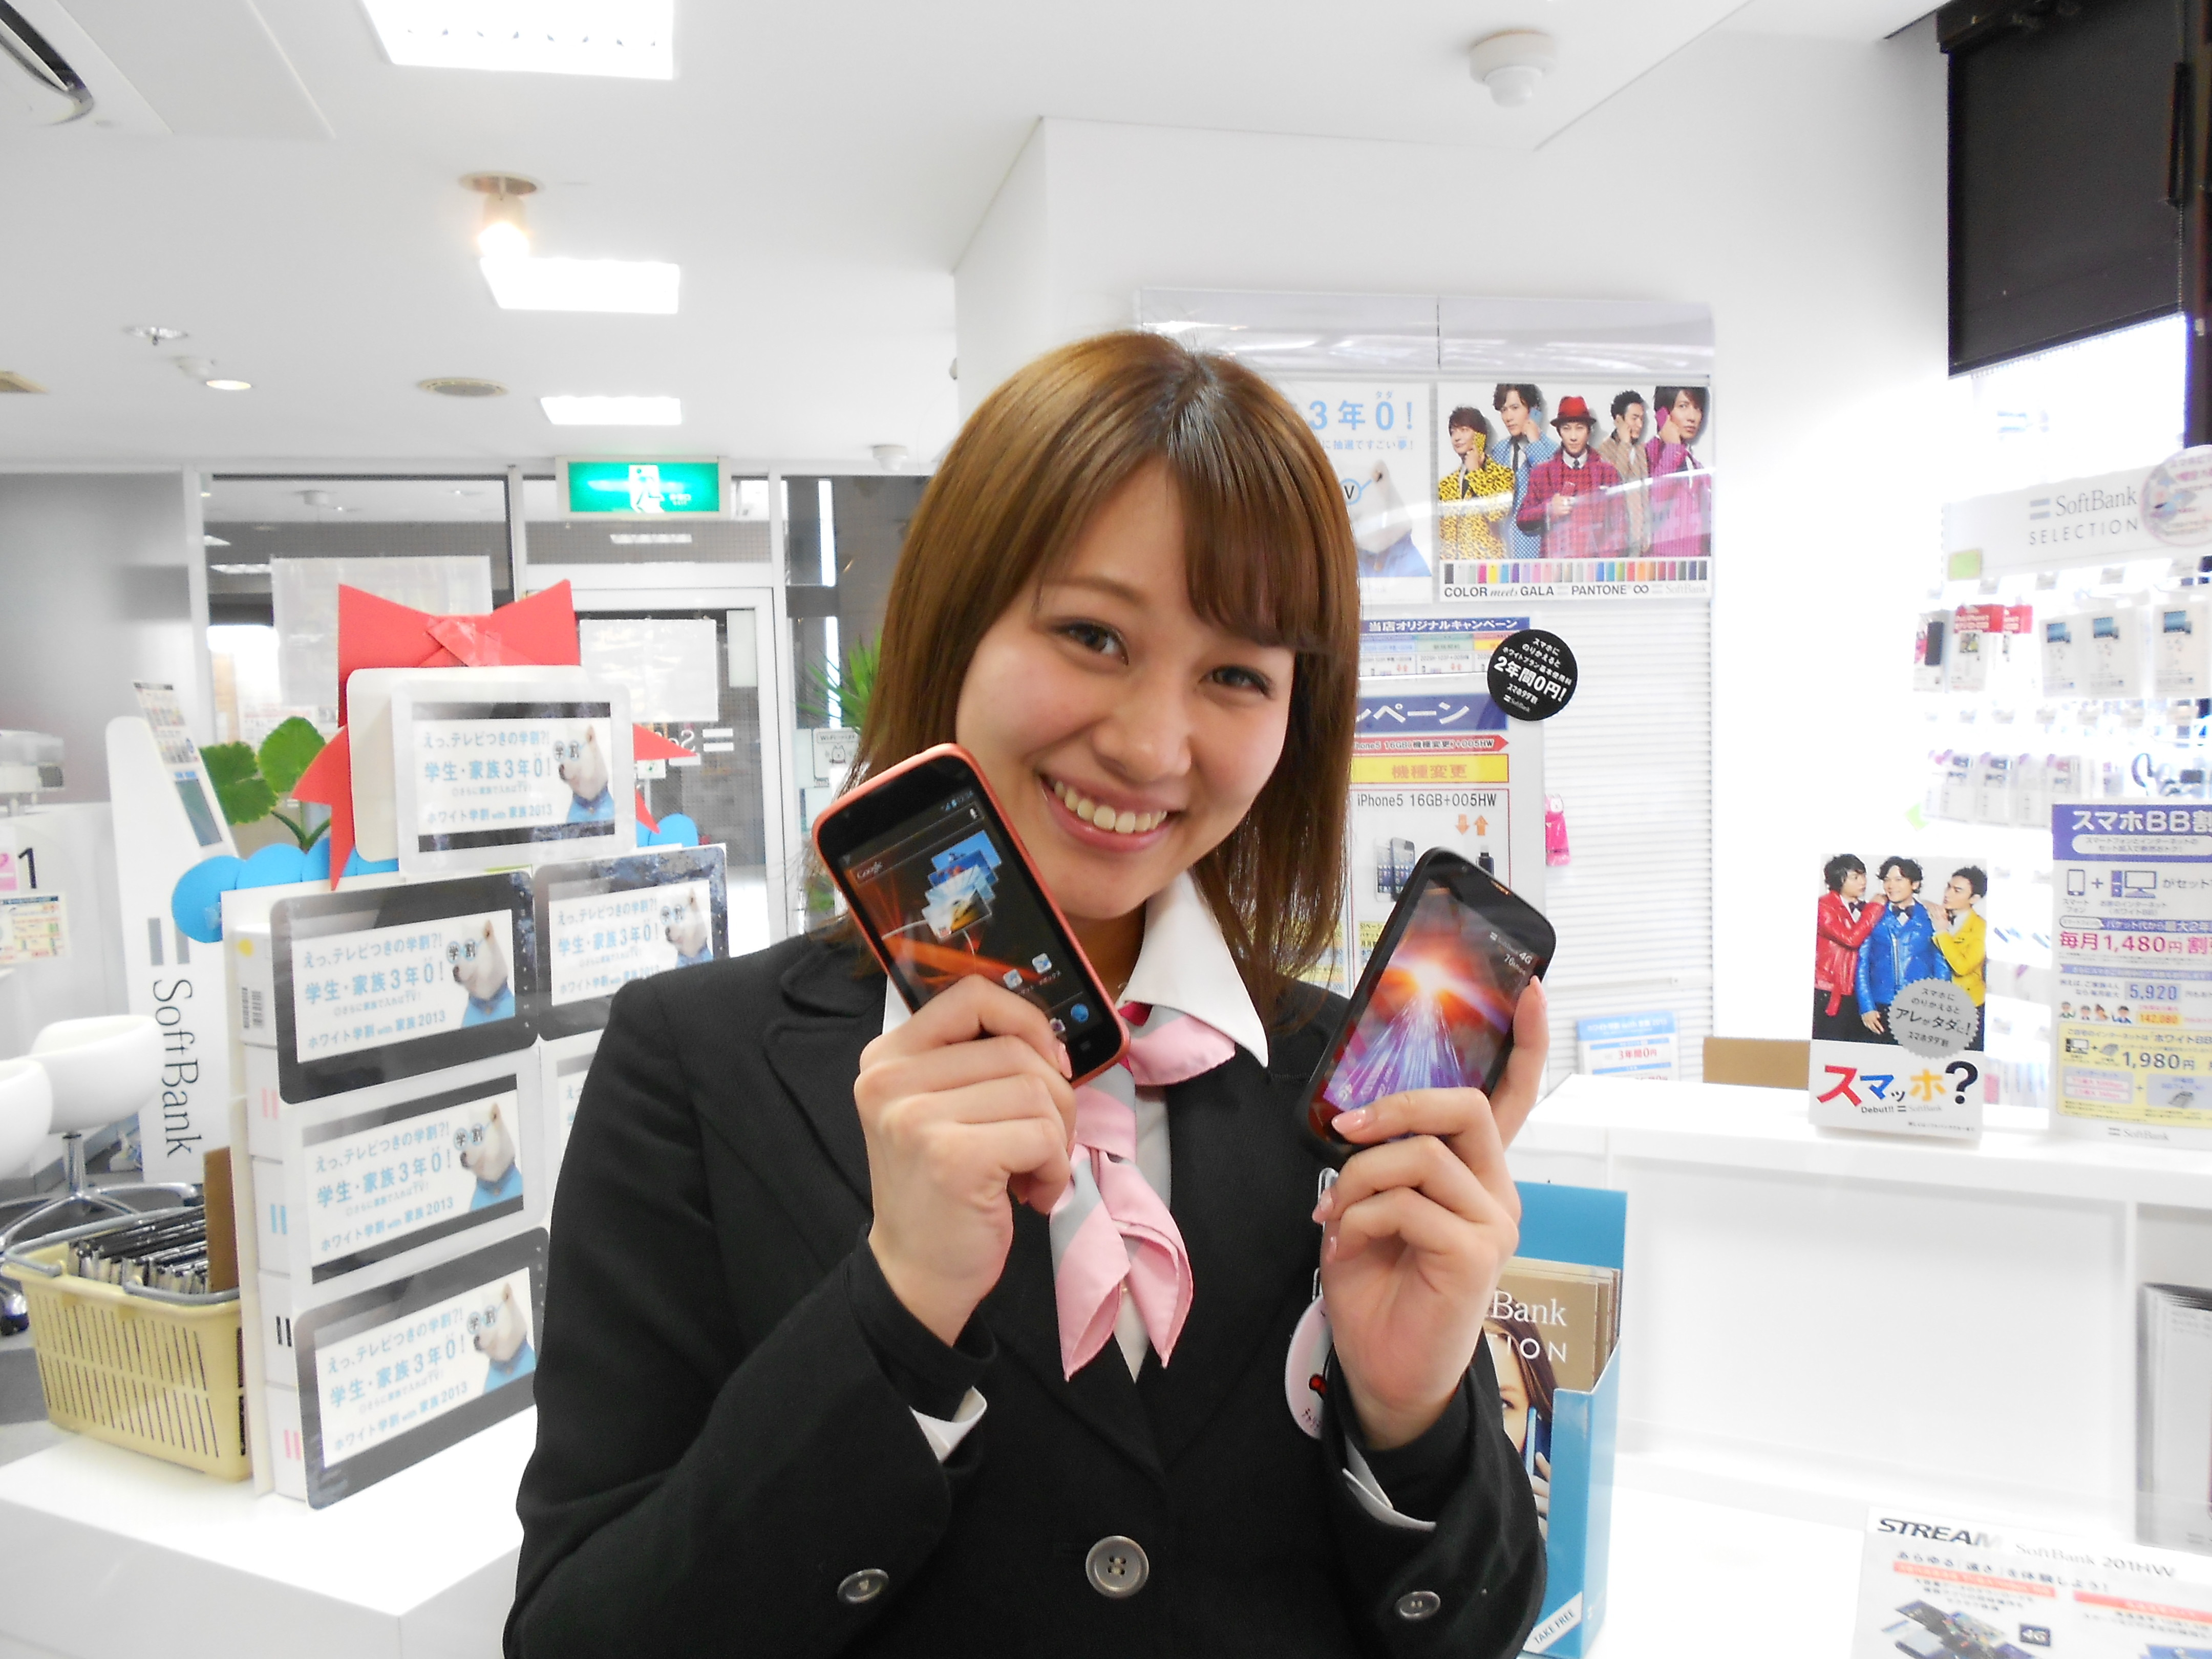 ソフトバンク 下北沢(株式会社シエロ)のアルバイト情報